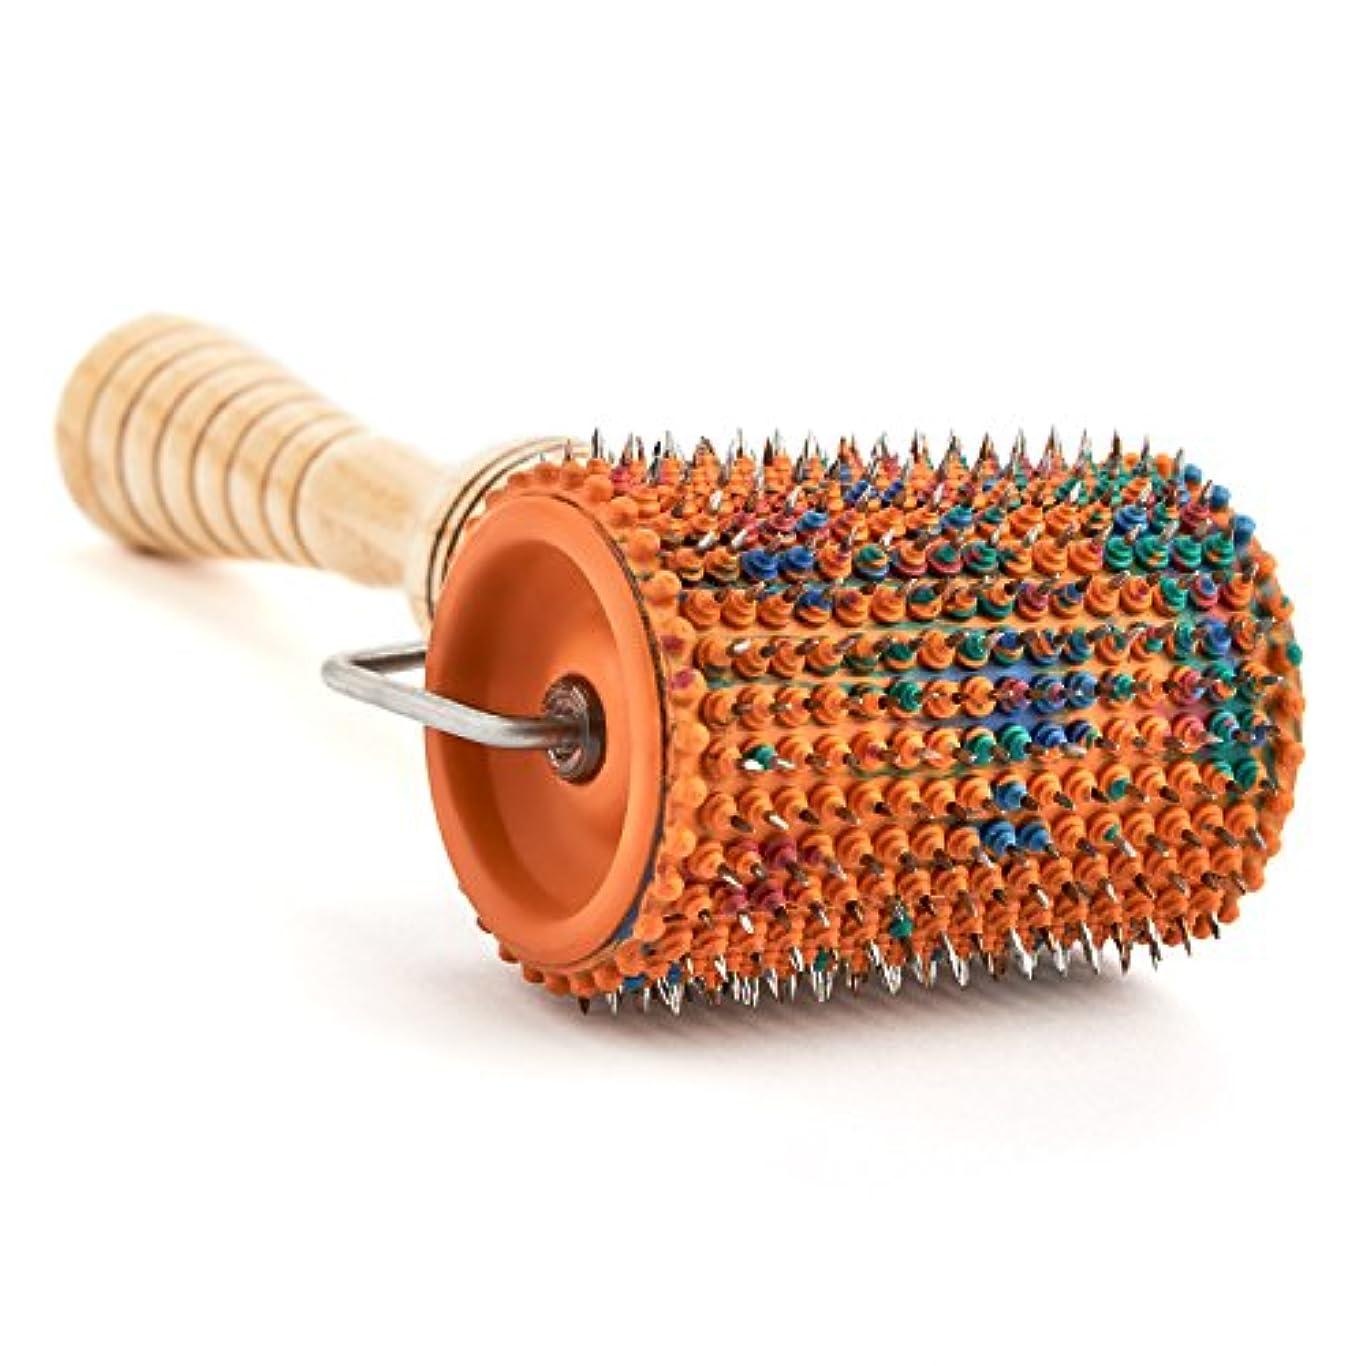 ローラーパドル識別Acupuncture for Body Massage - Acupressure Applicator Lyapko Roller UNIVERSAL-M (with rubber bushings) by Lyapko